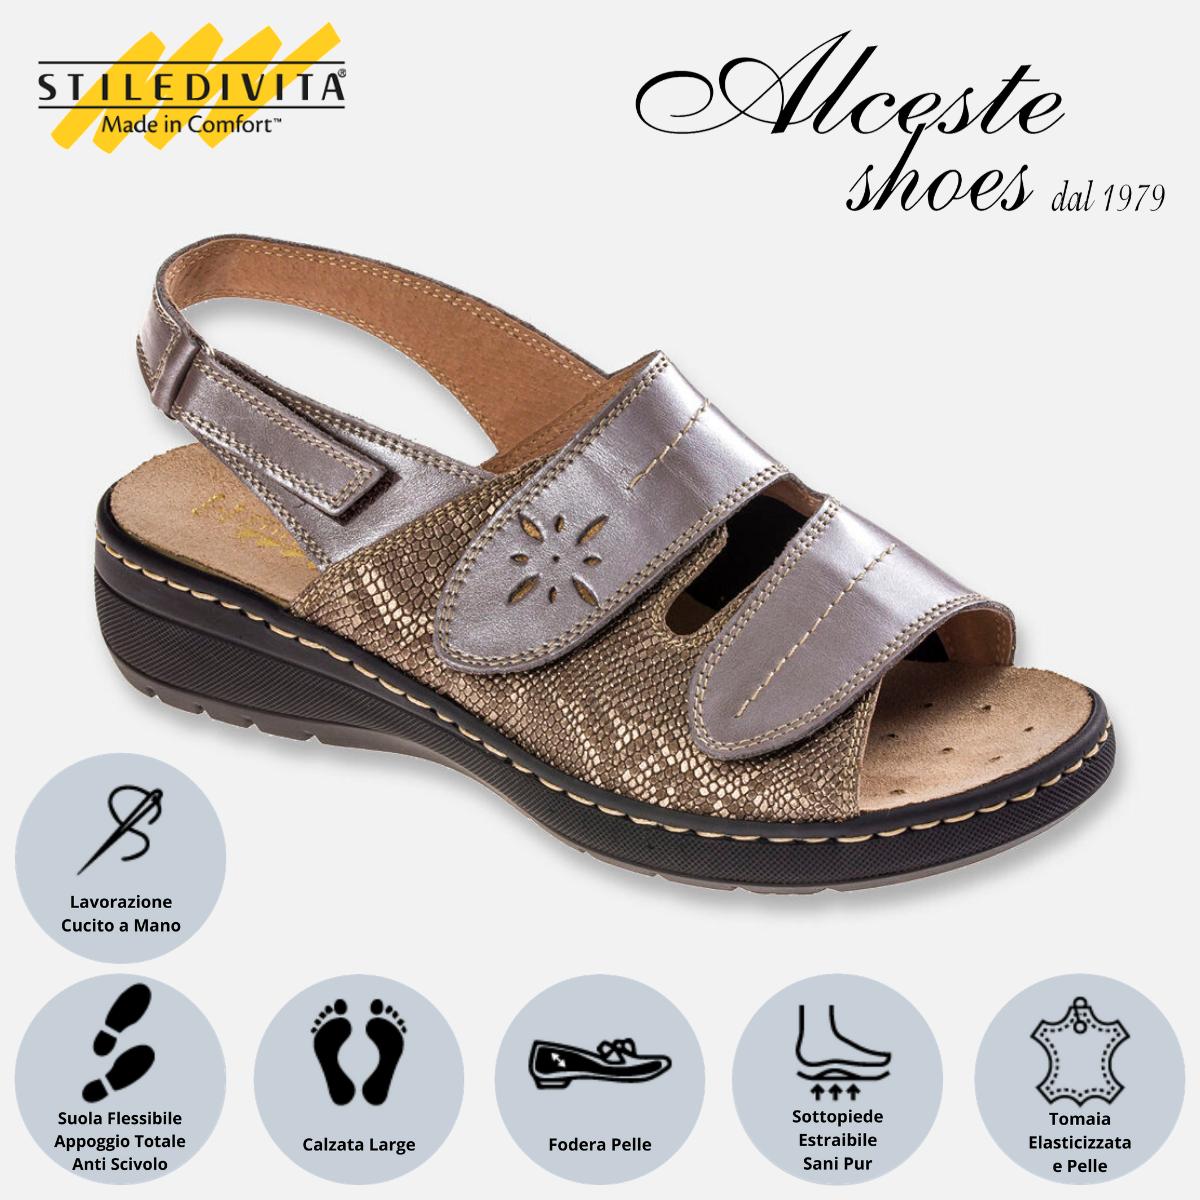 Sandalo con Strappi Stiledivita Art. 4987 Pelle e Pelle Stampata Taupe Alceste Shoes 4987 Taupe